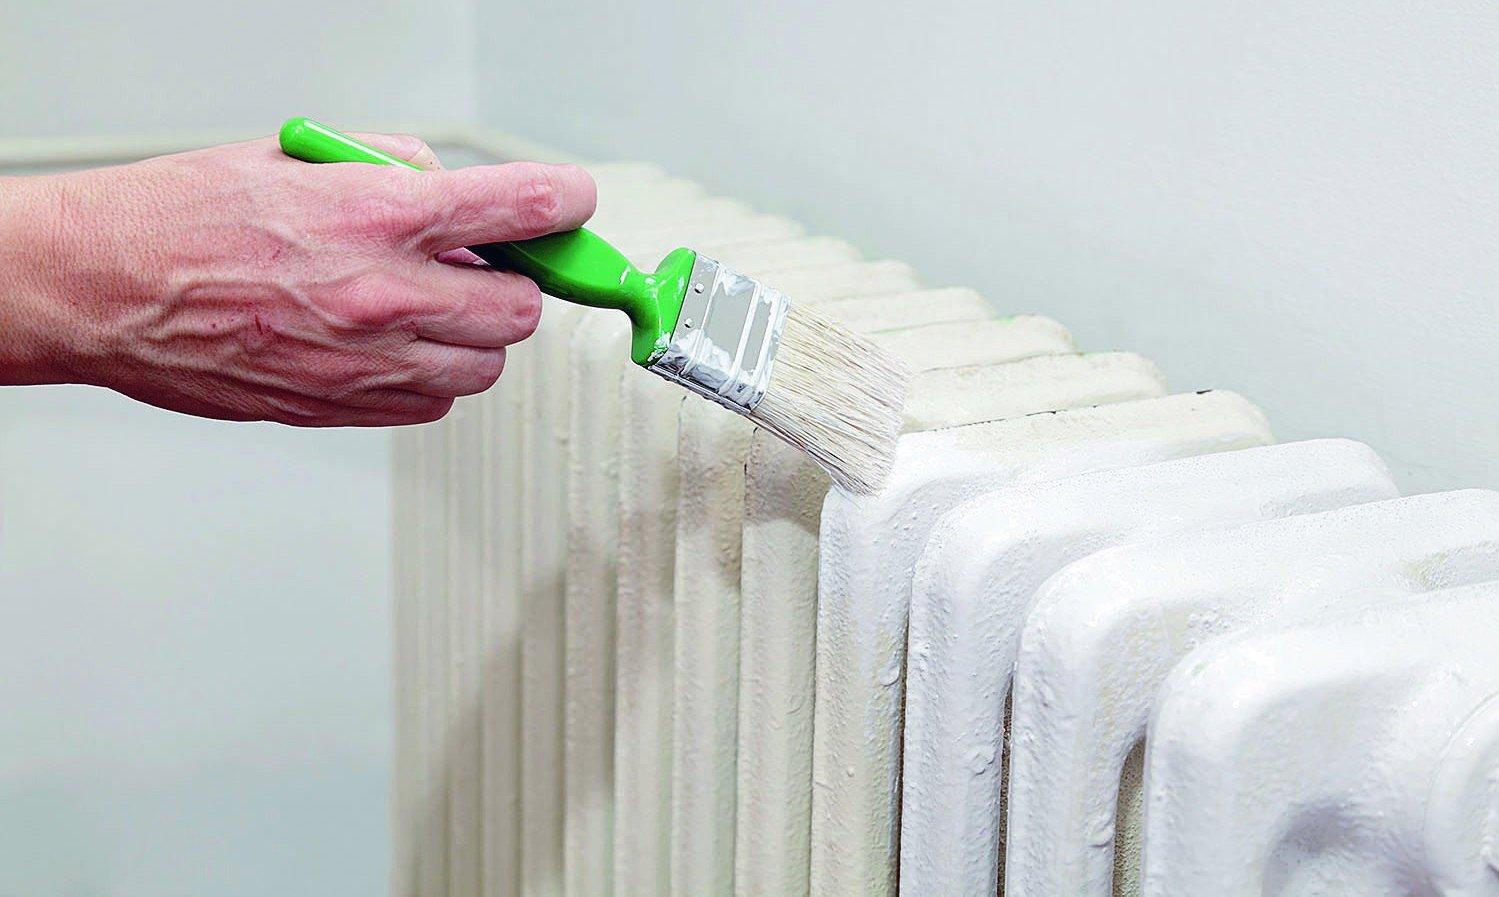 Как скрыть или украсить батарею своими руками [декупаж, покраска, решетки и экраны на радиатор]